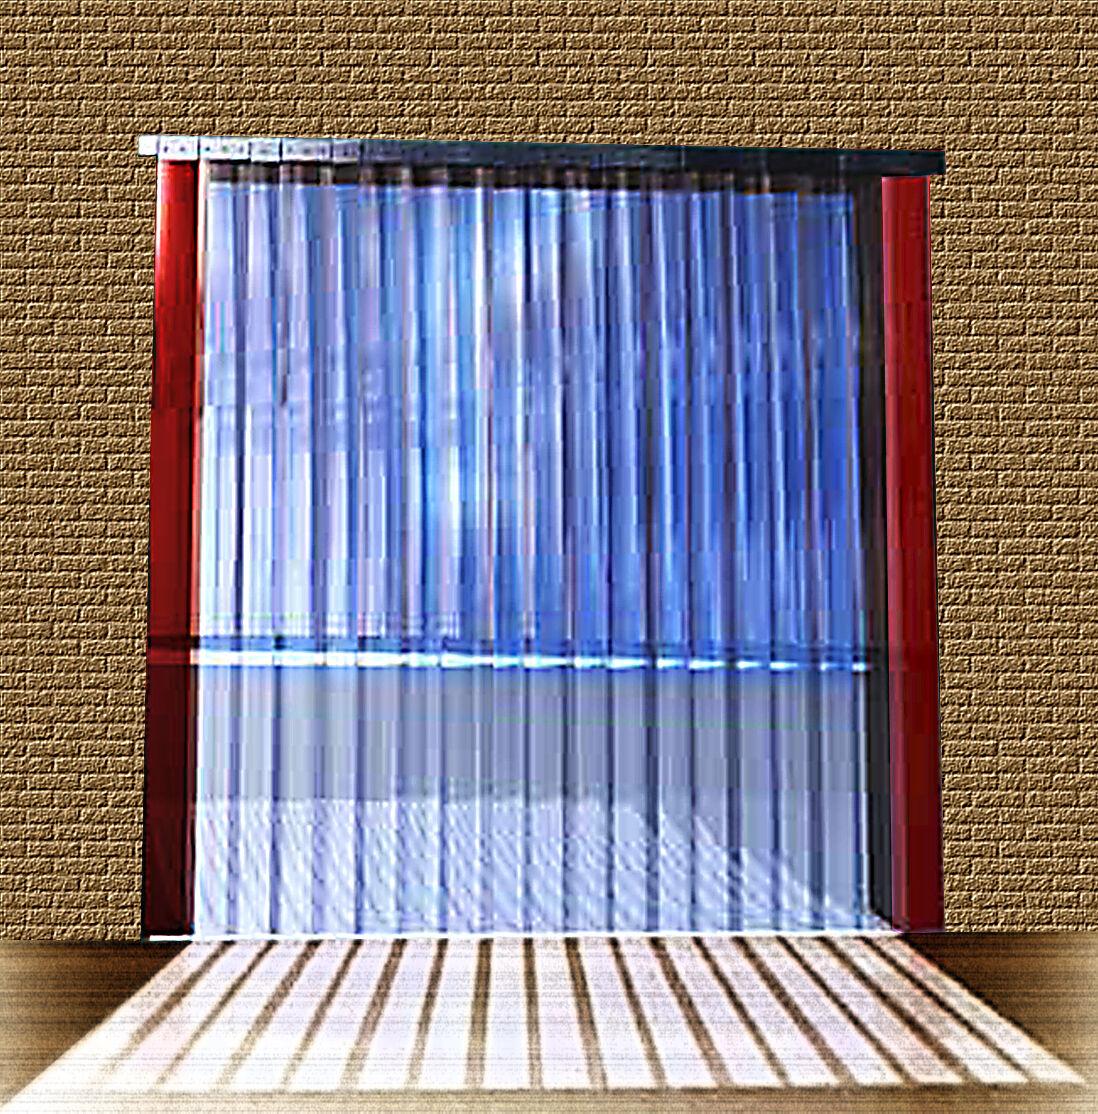 B 1 20m x H2 50m Lamellen Lamellen Lamellen PVC Streifen Vorhang 200x2mm b62d18